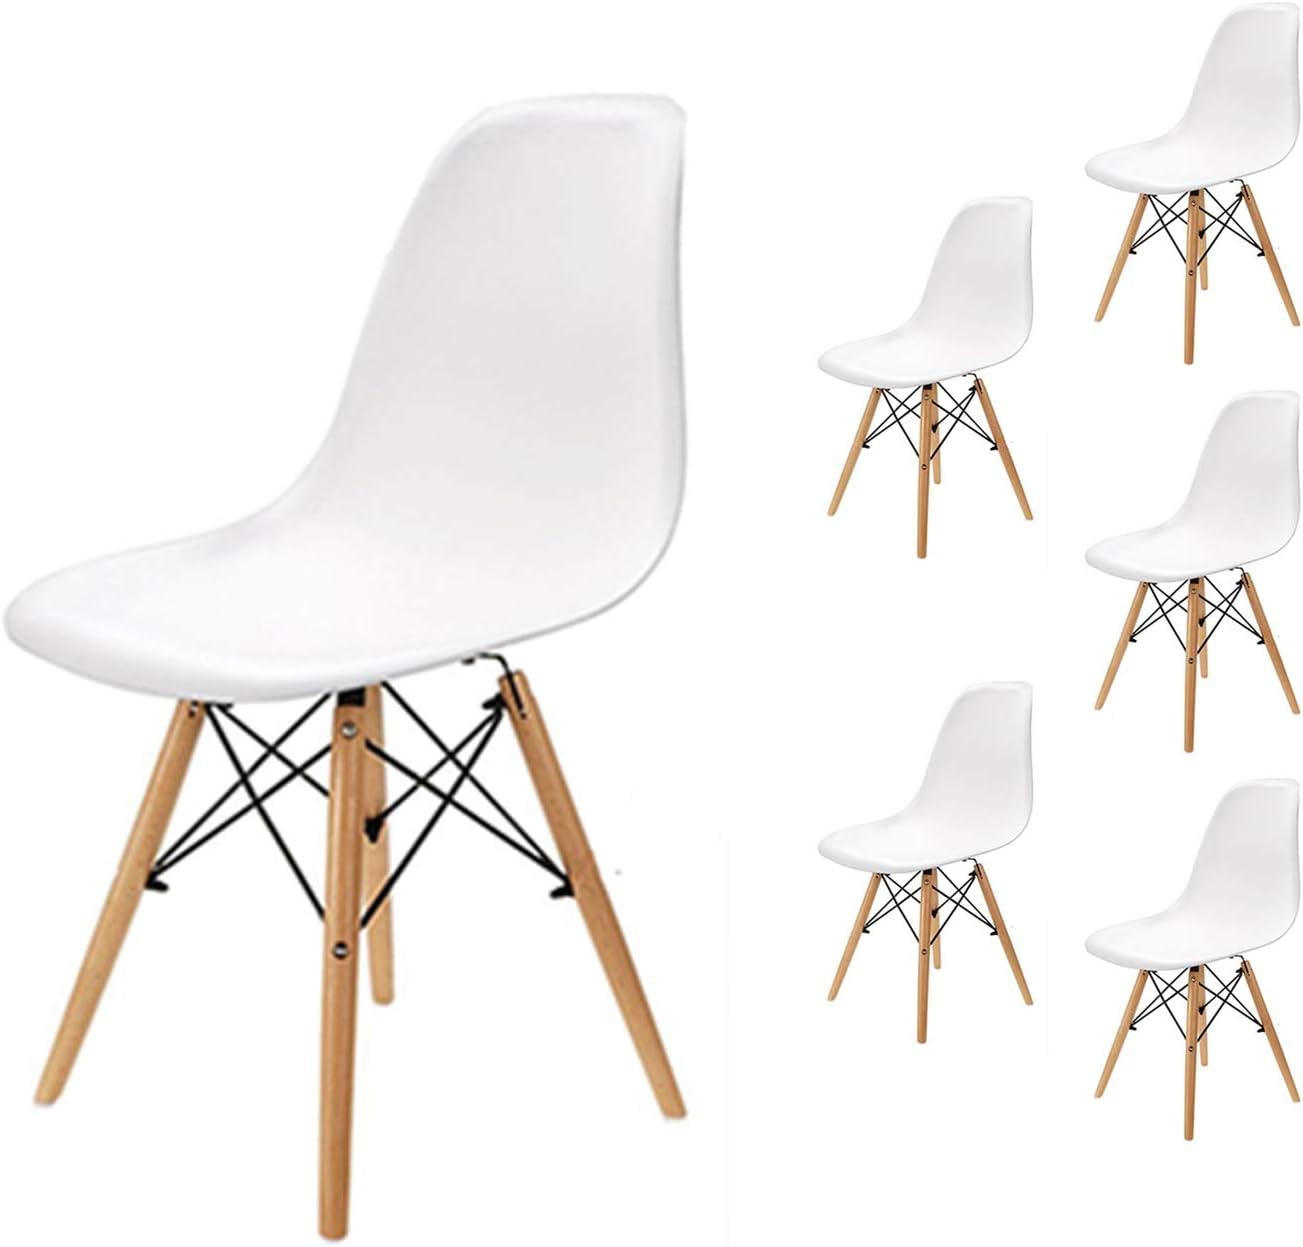 EGNM Pack 6 sillas de Comedor Blanca Silla diseño nórdico Retro Estilo 82 x 47 x 53 cm (Blanco-6)